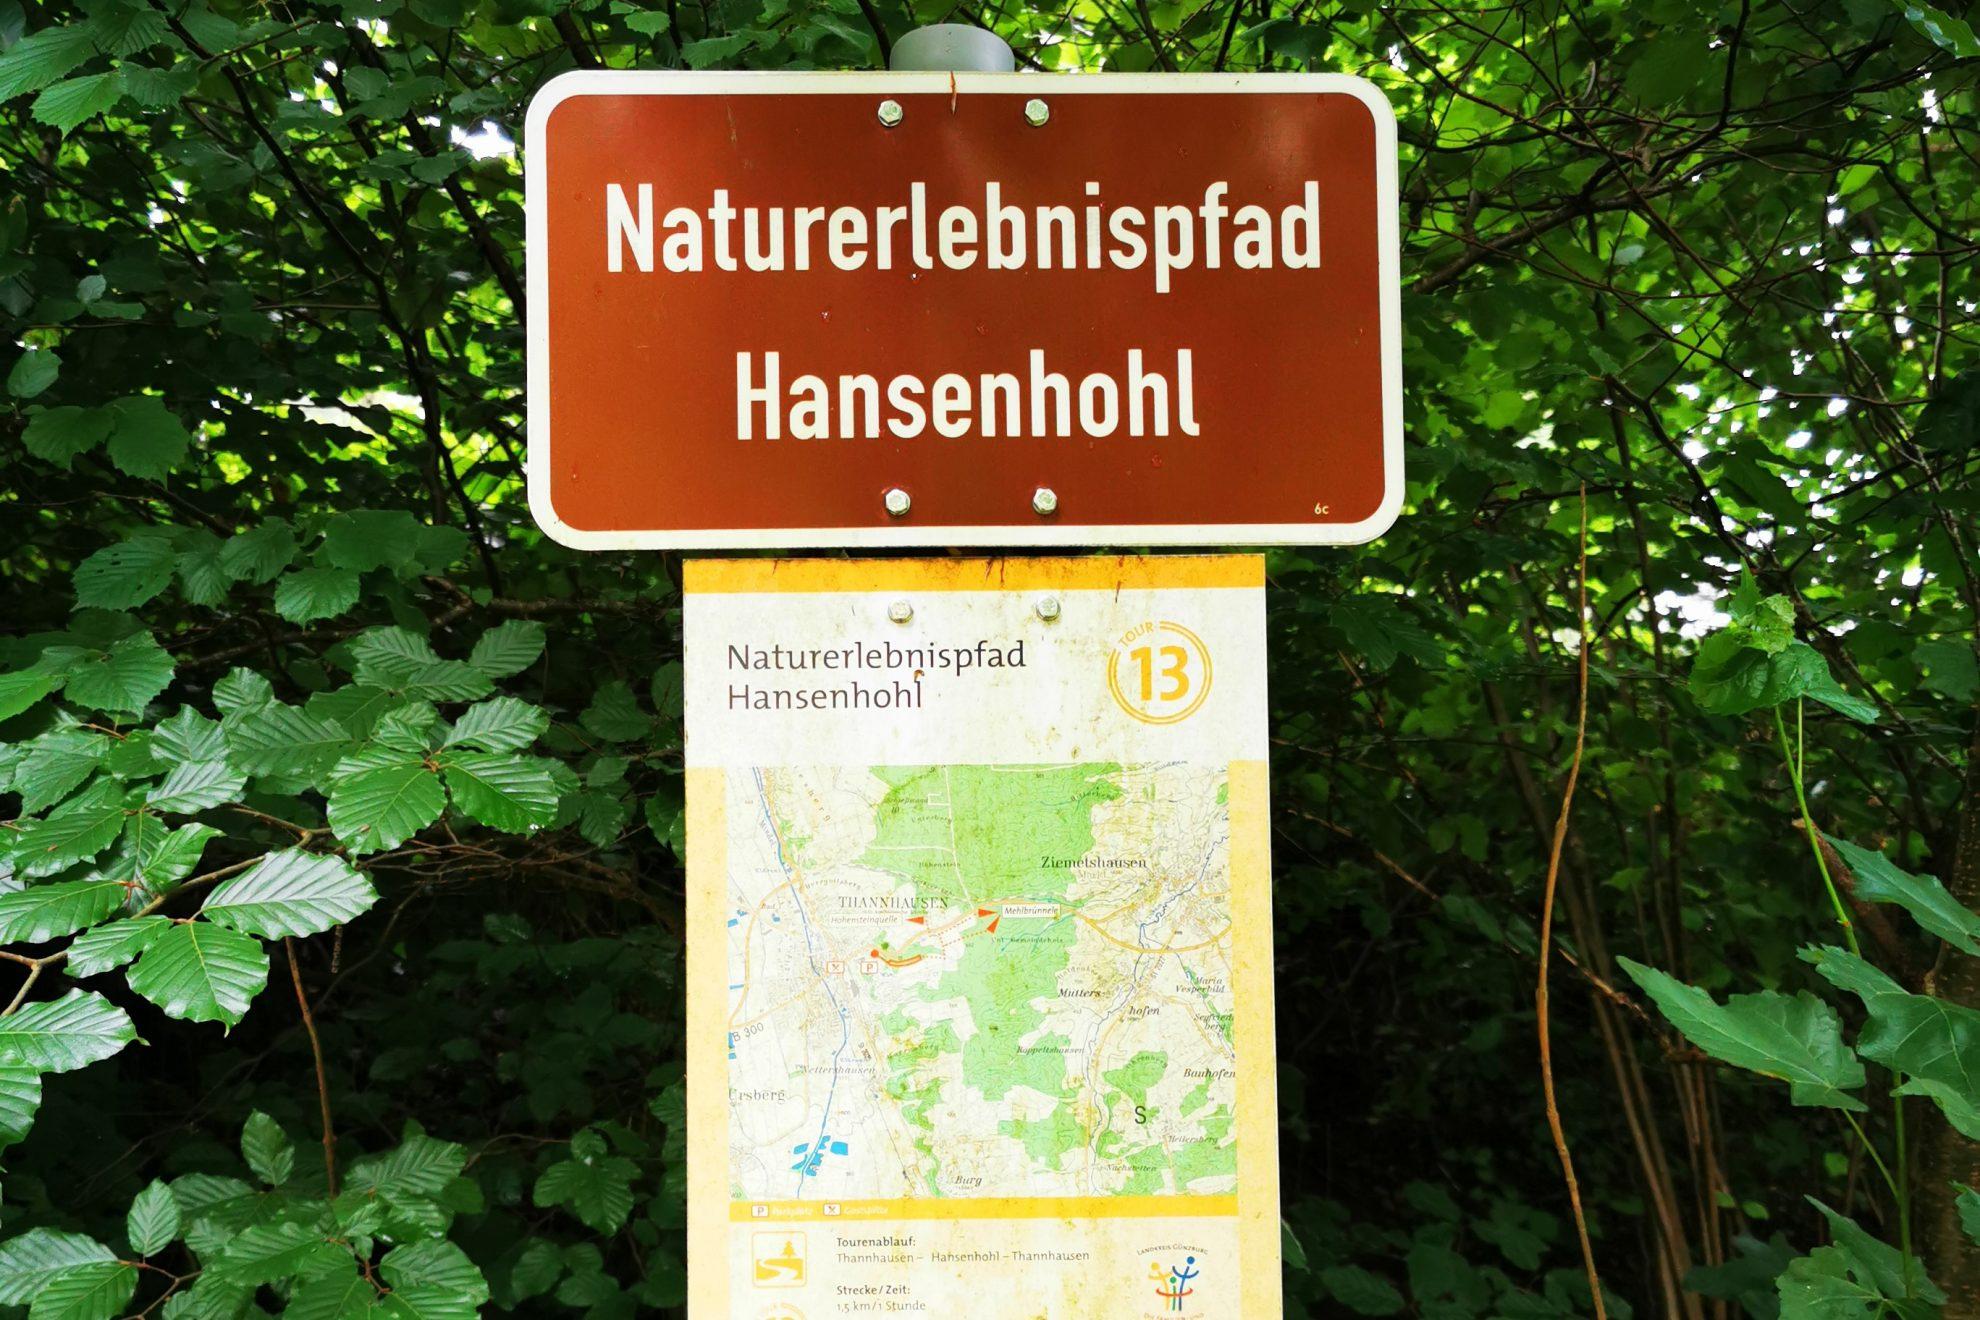 Ein toller kostenloser Ausflugstipp für die ganze Familie: Der Naturerlebnispfad Hansenhohl in Thannhausen bietet auf 1,5 km jede Menge Spaß!